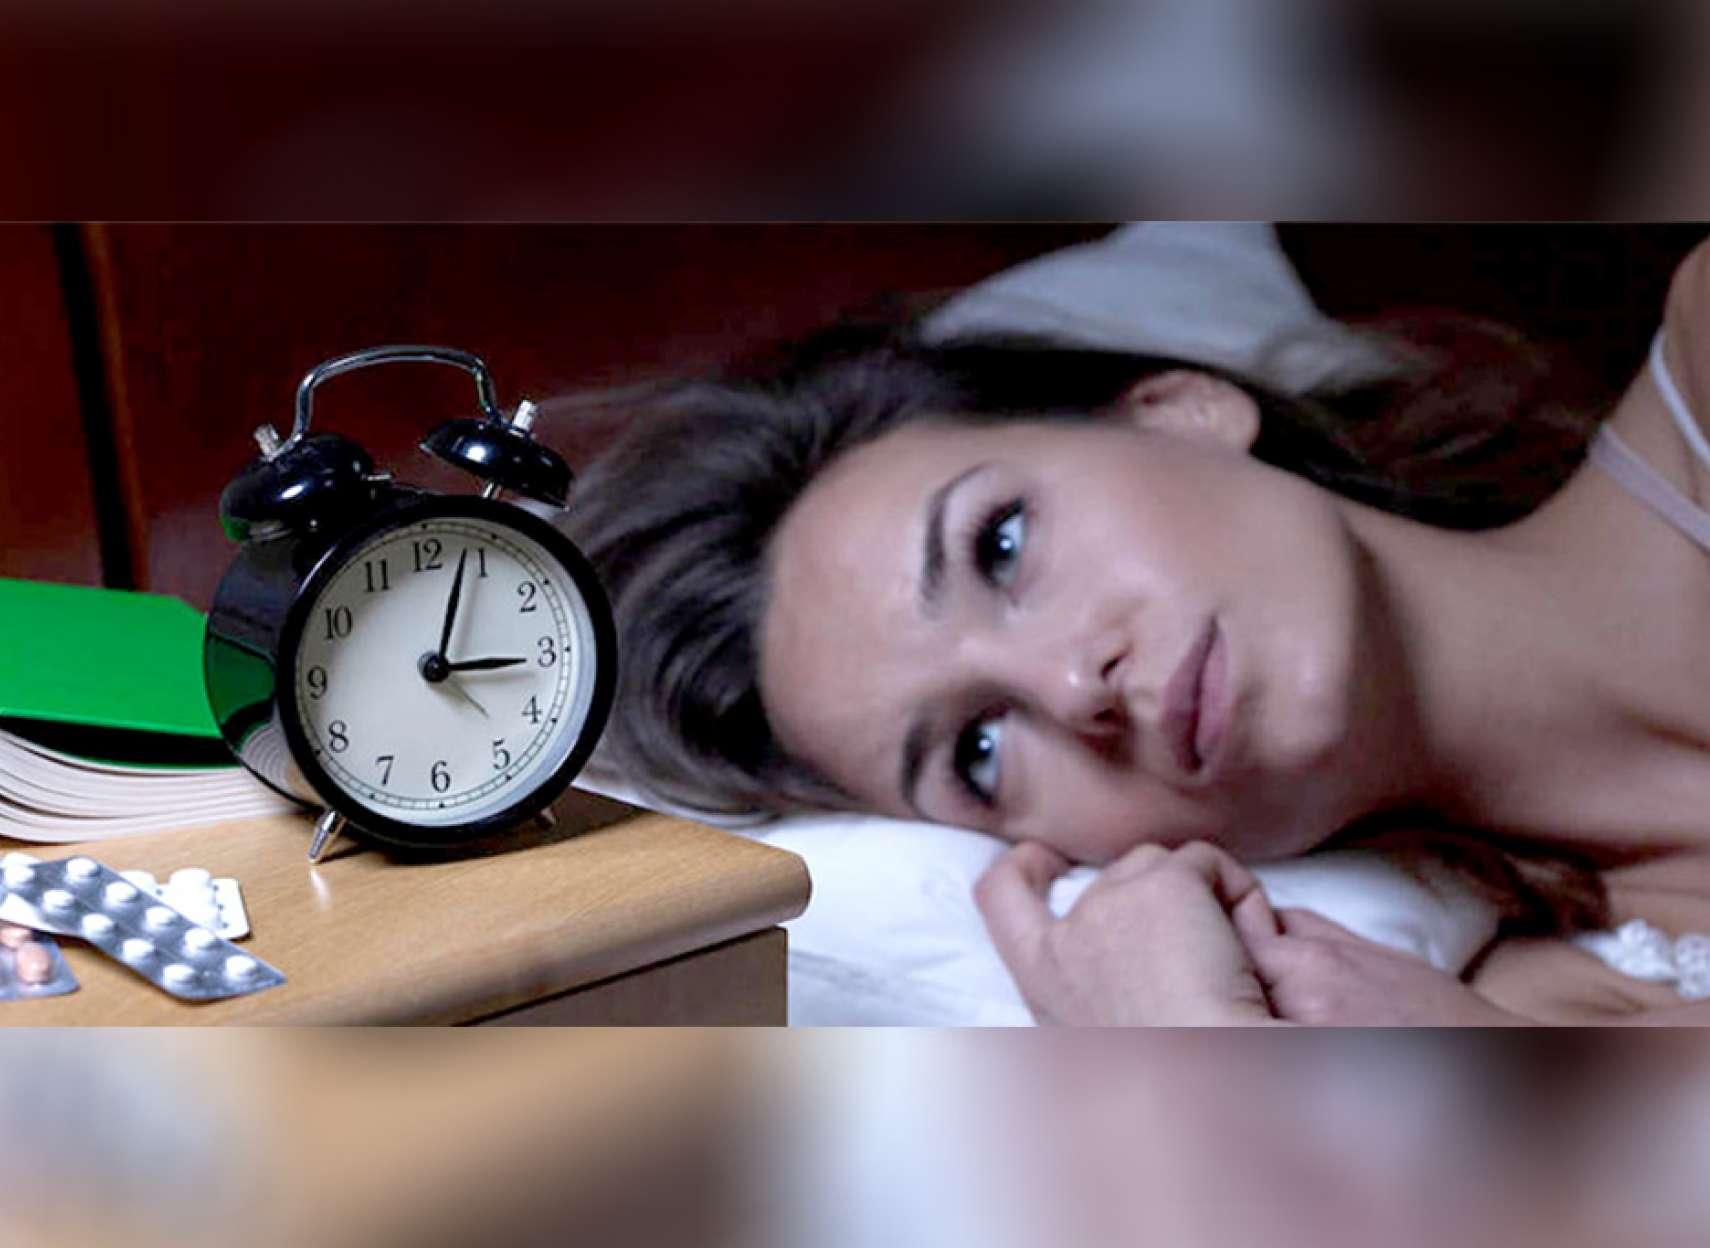 طبیعی-درمانی-کاظمی-بیخوابی-چه-بر-سرمان-میتواند-بیاورد